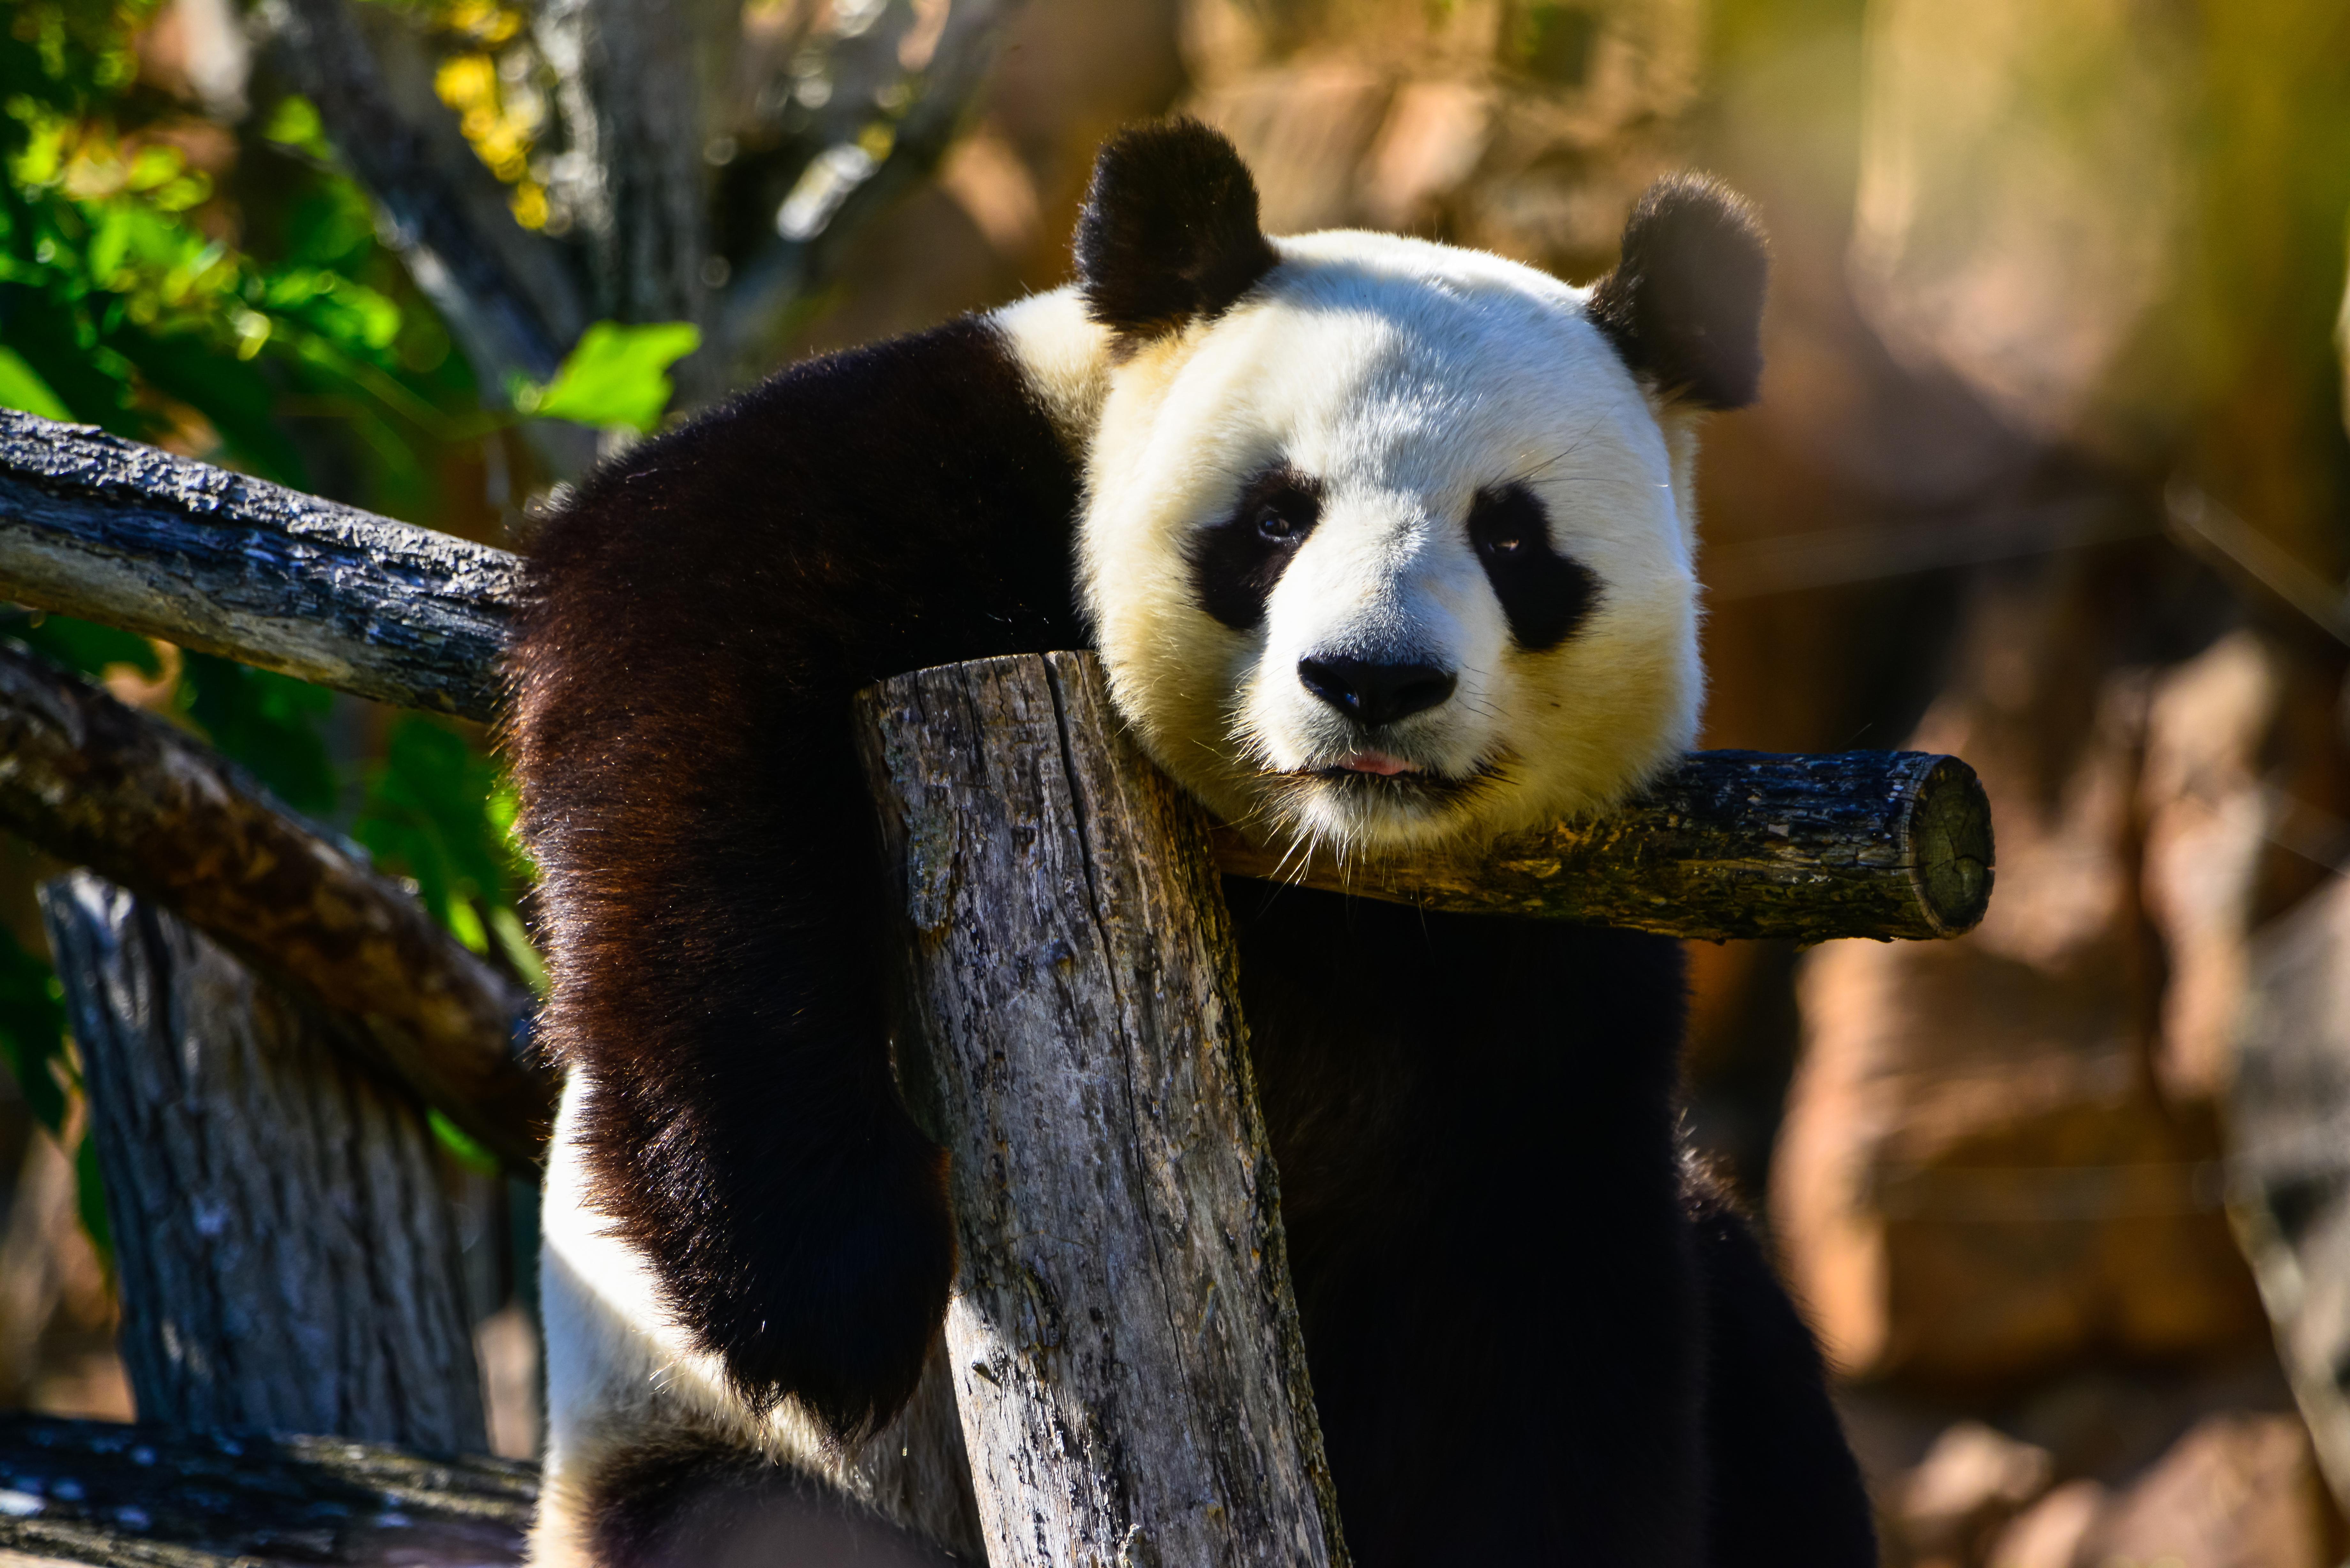 62505 Hintergrundbild herunterladen Tiere, Sicht, Meinung, Wilde Natur, Wildlife, Tier, Panda - Bildschirmschoner und Bilder kostenlos